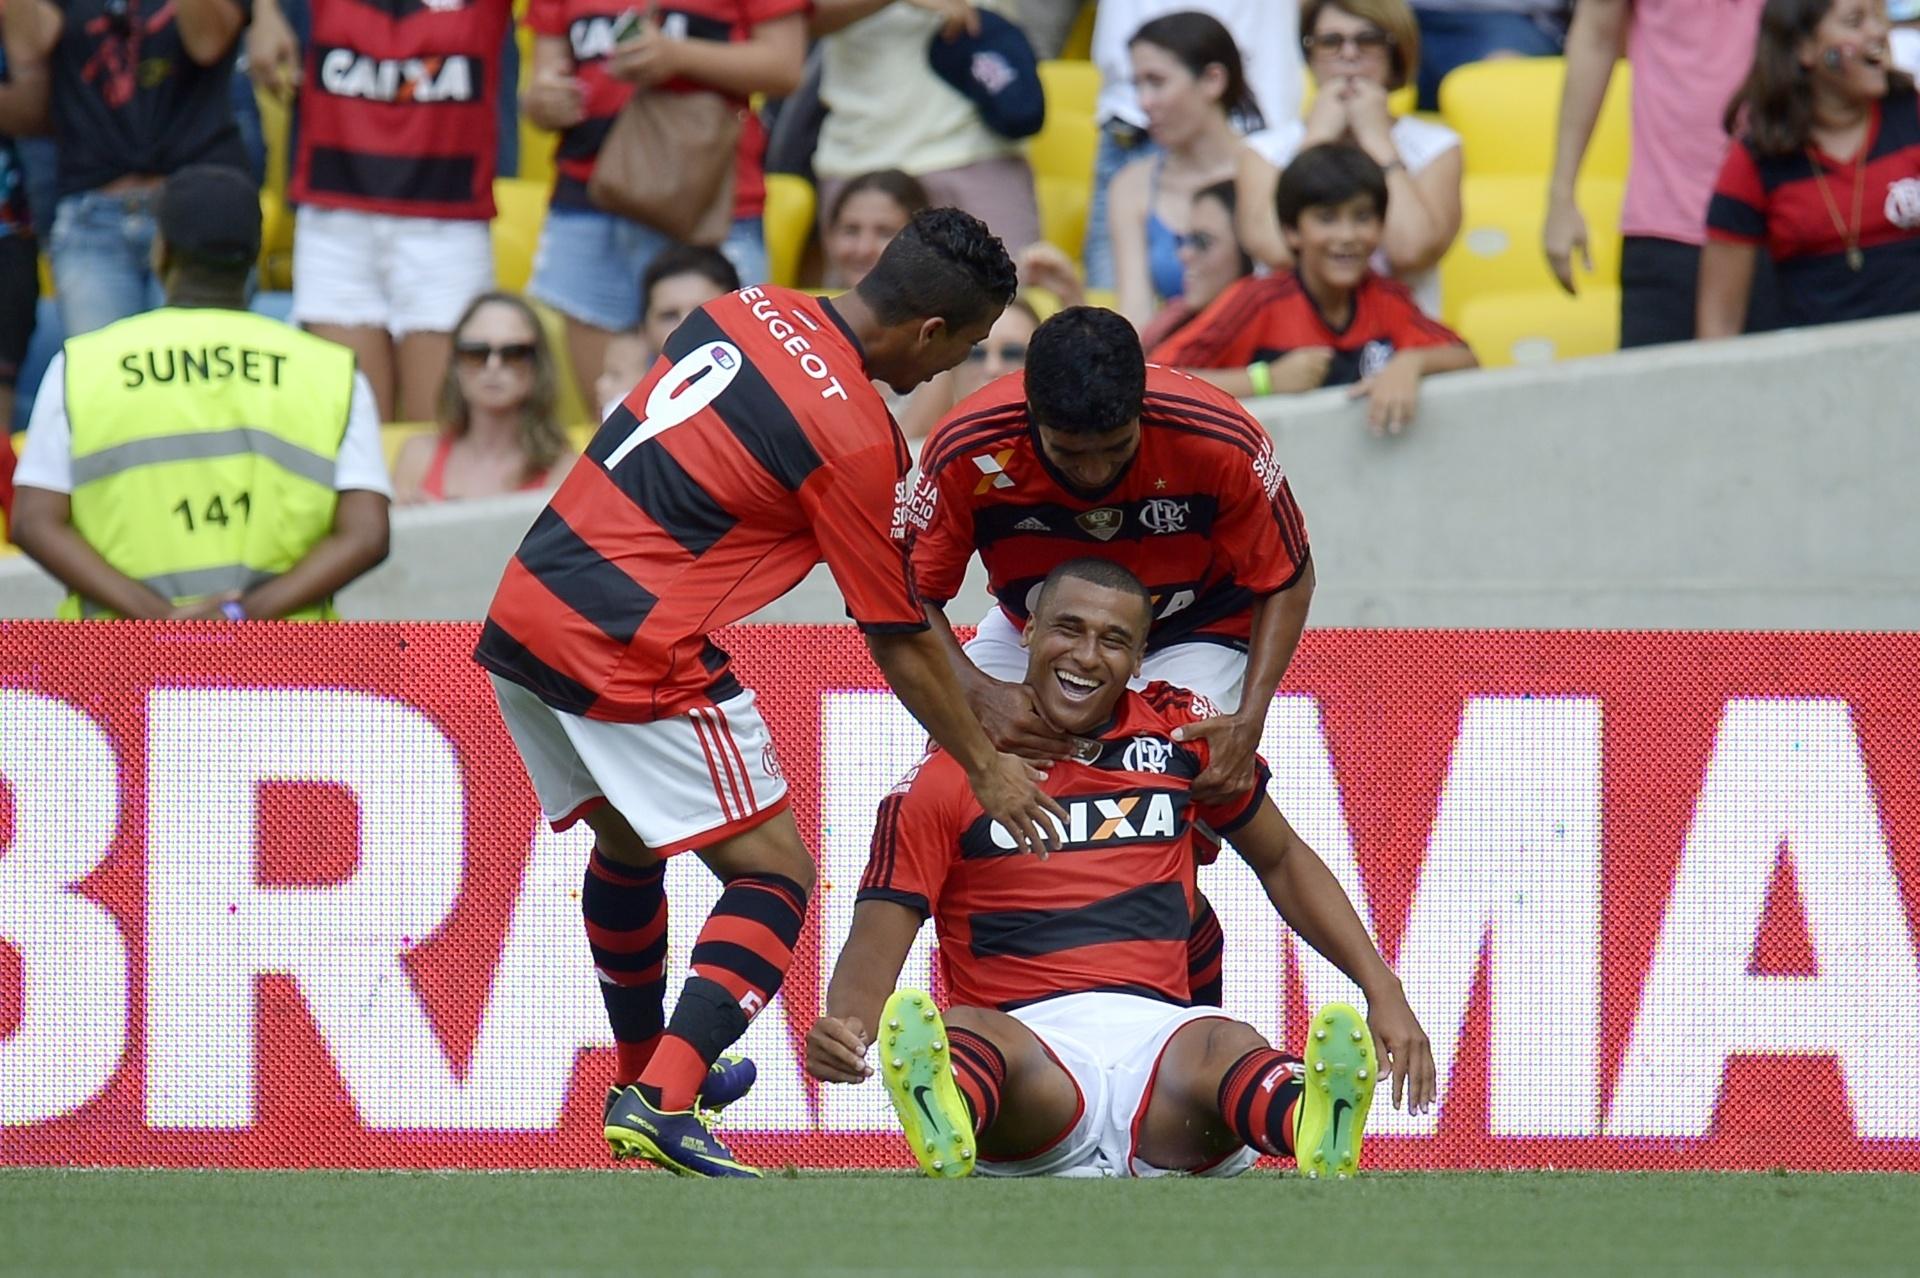 19.jan.2014 - Welinton vai ao chão na comemoração do seu gol para o Flamengo contra o Audax, no Maracanã